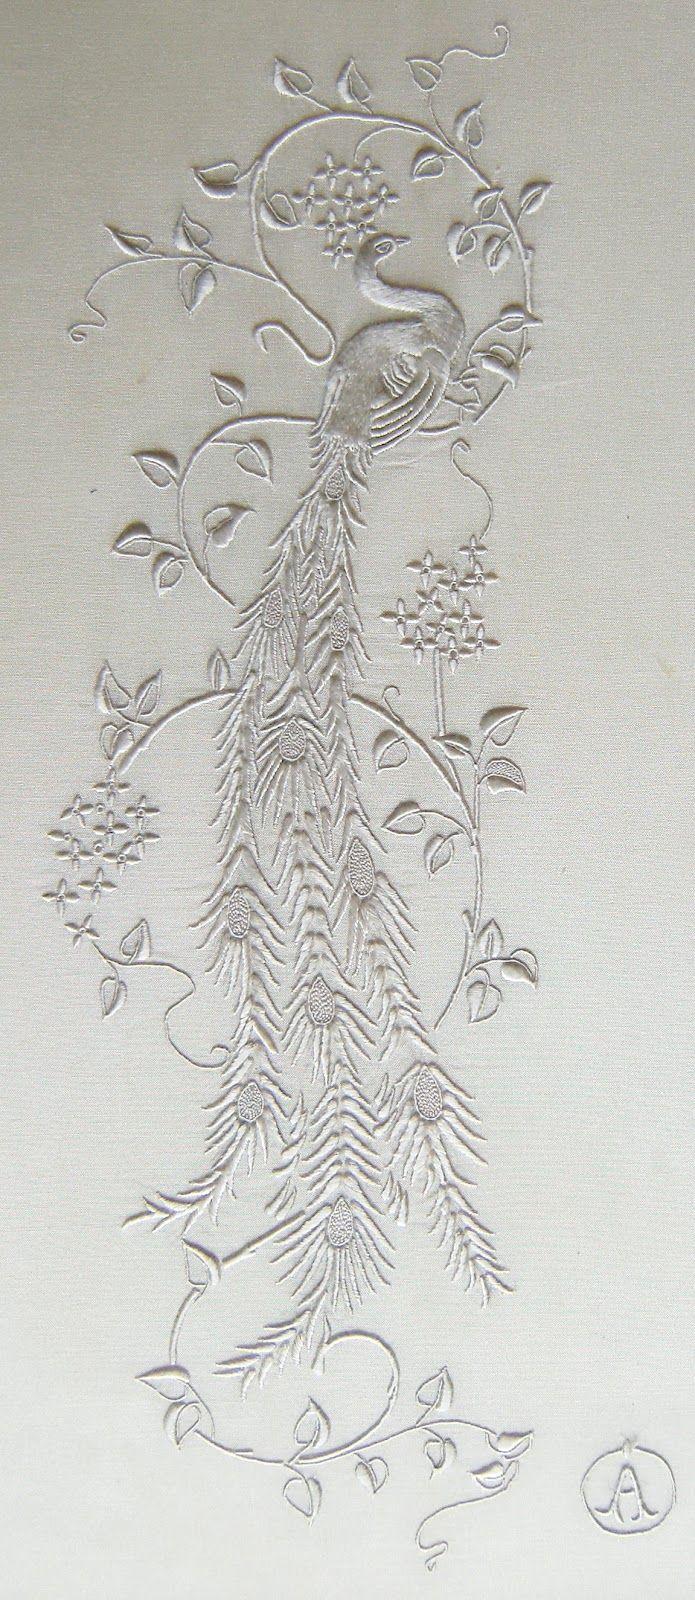 Brod'annie: Le Paon / Une merveille de miniature brodée en fil de soie Anchor qui malheureusement ne se fait plus aujourd'hui.